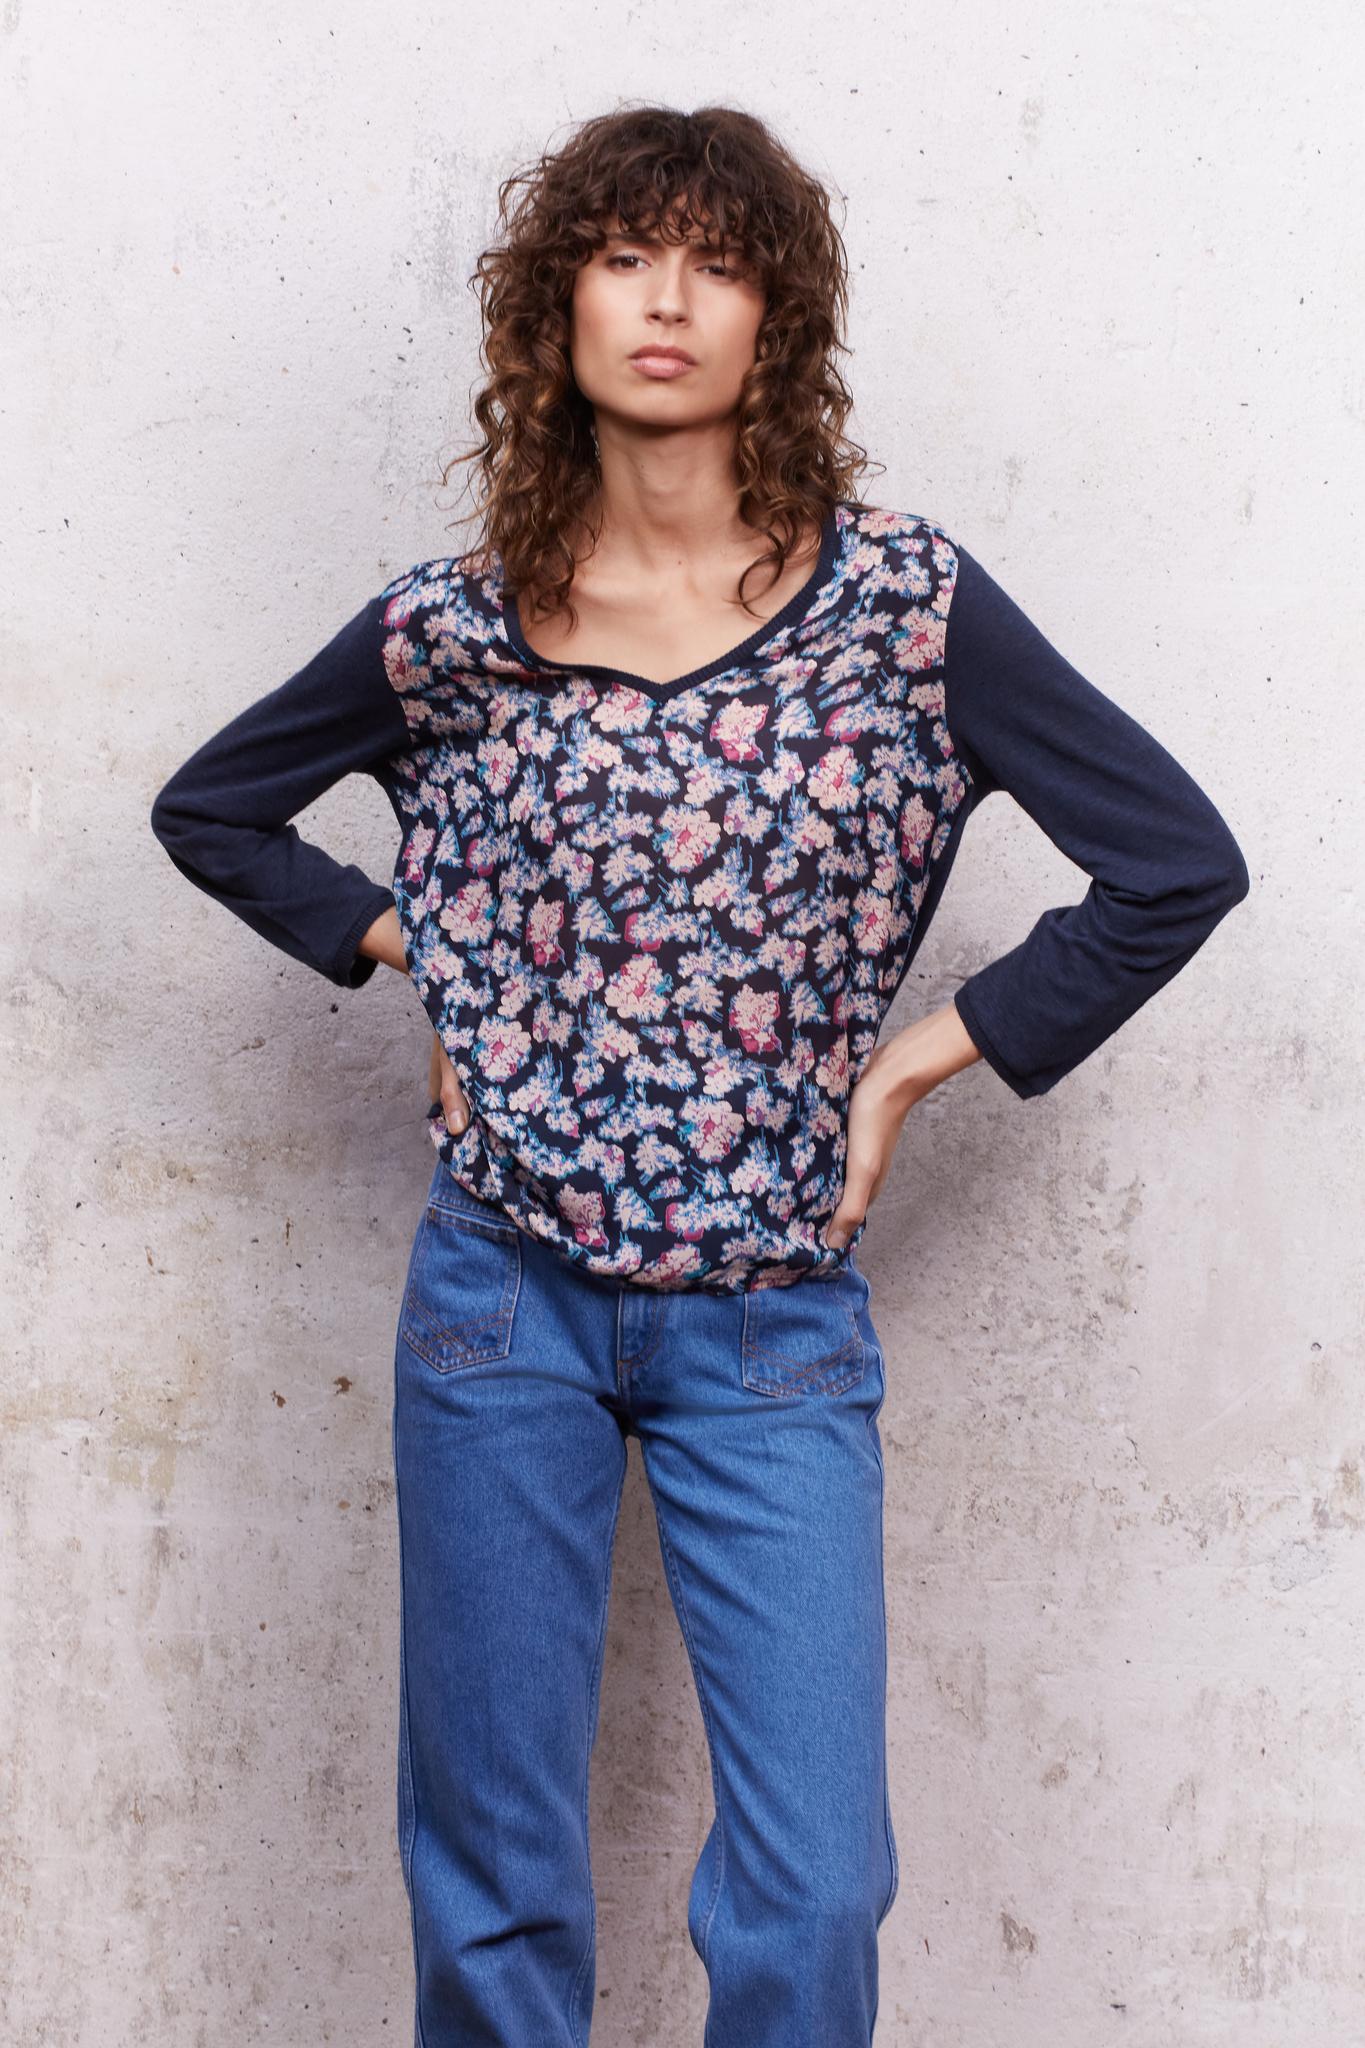 ALEXIE - Пуловер с цветочным принтом